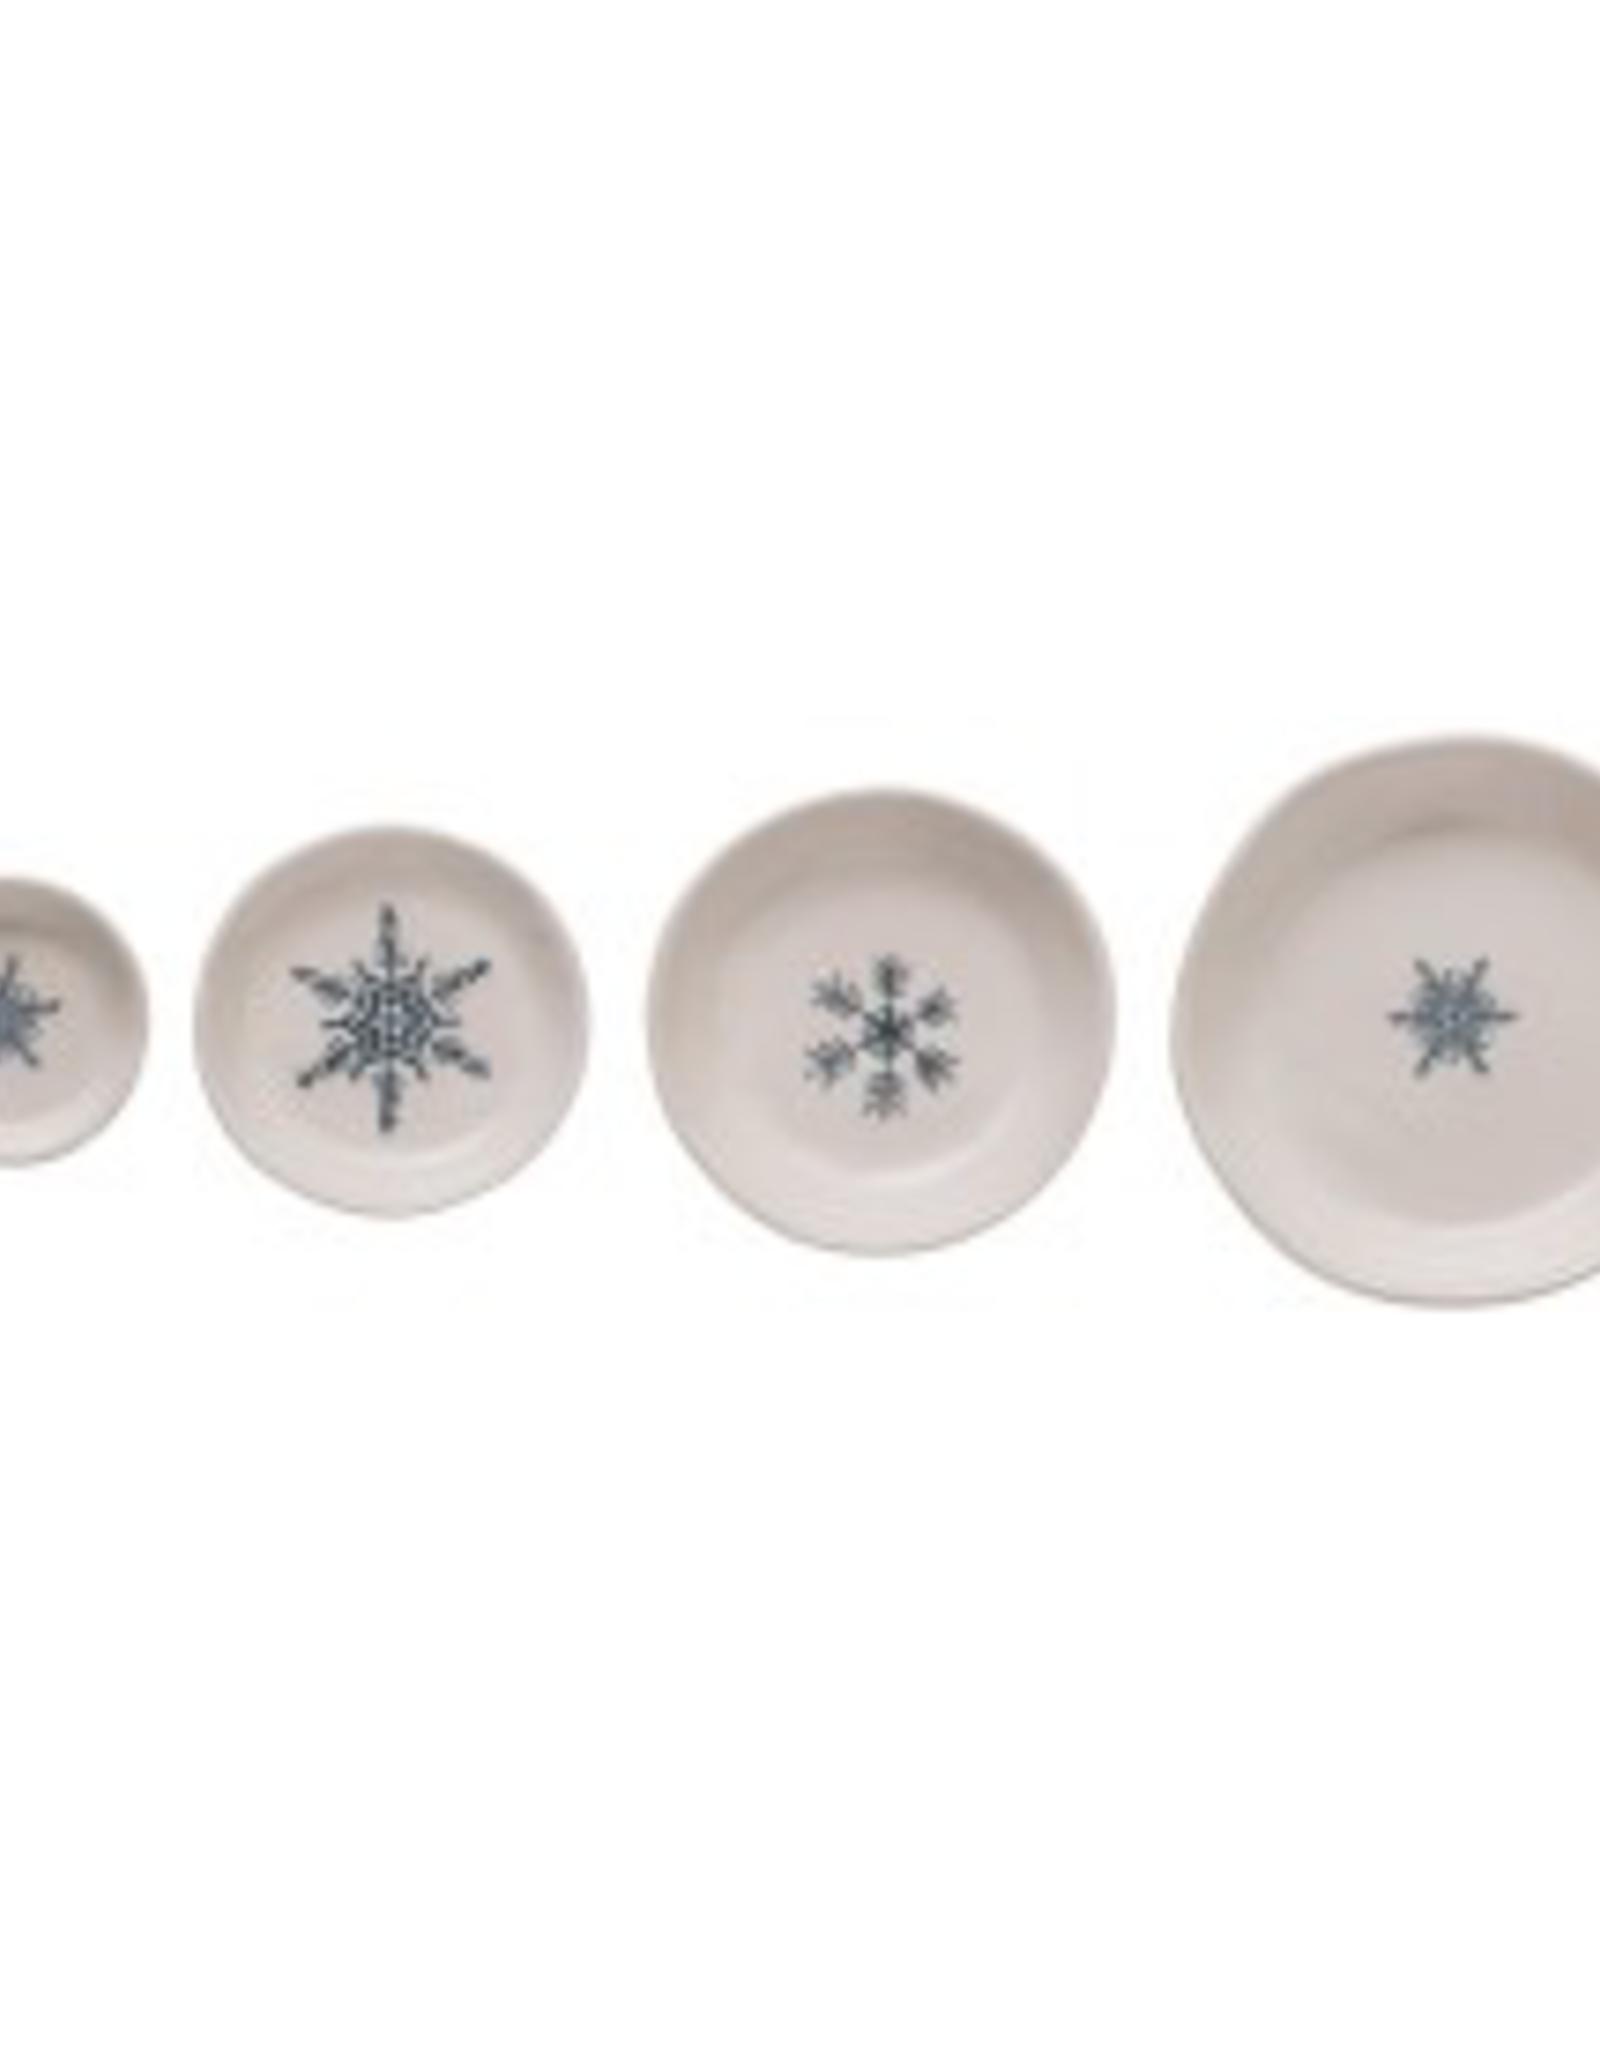 Medium White & Blue Hand Painted Stoneware Snowflakes Round Dish